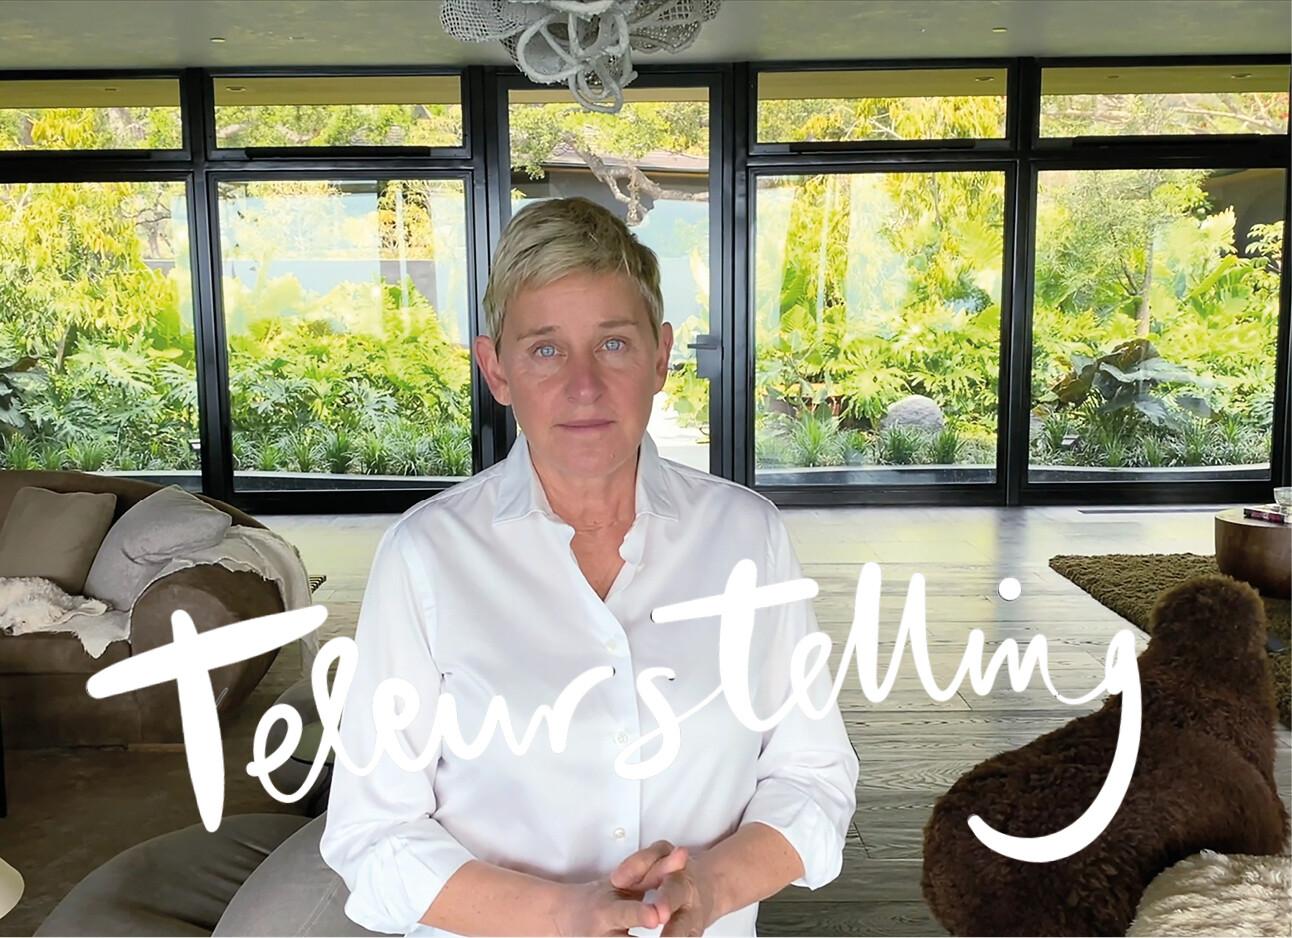 Niemand wil meer naar Ellen DeGeneres